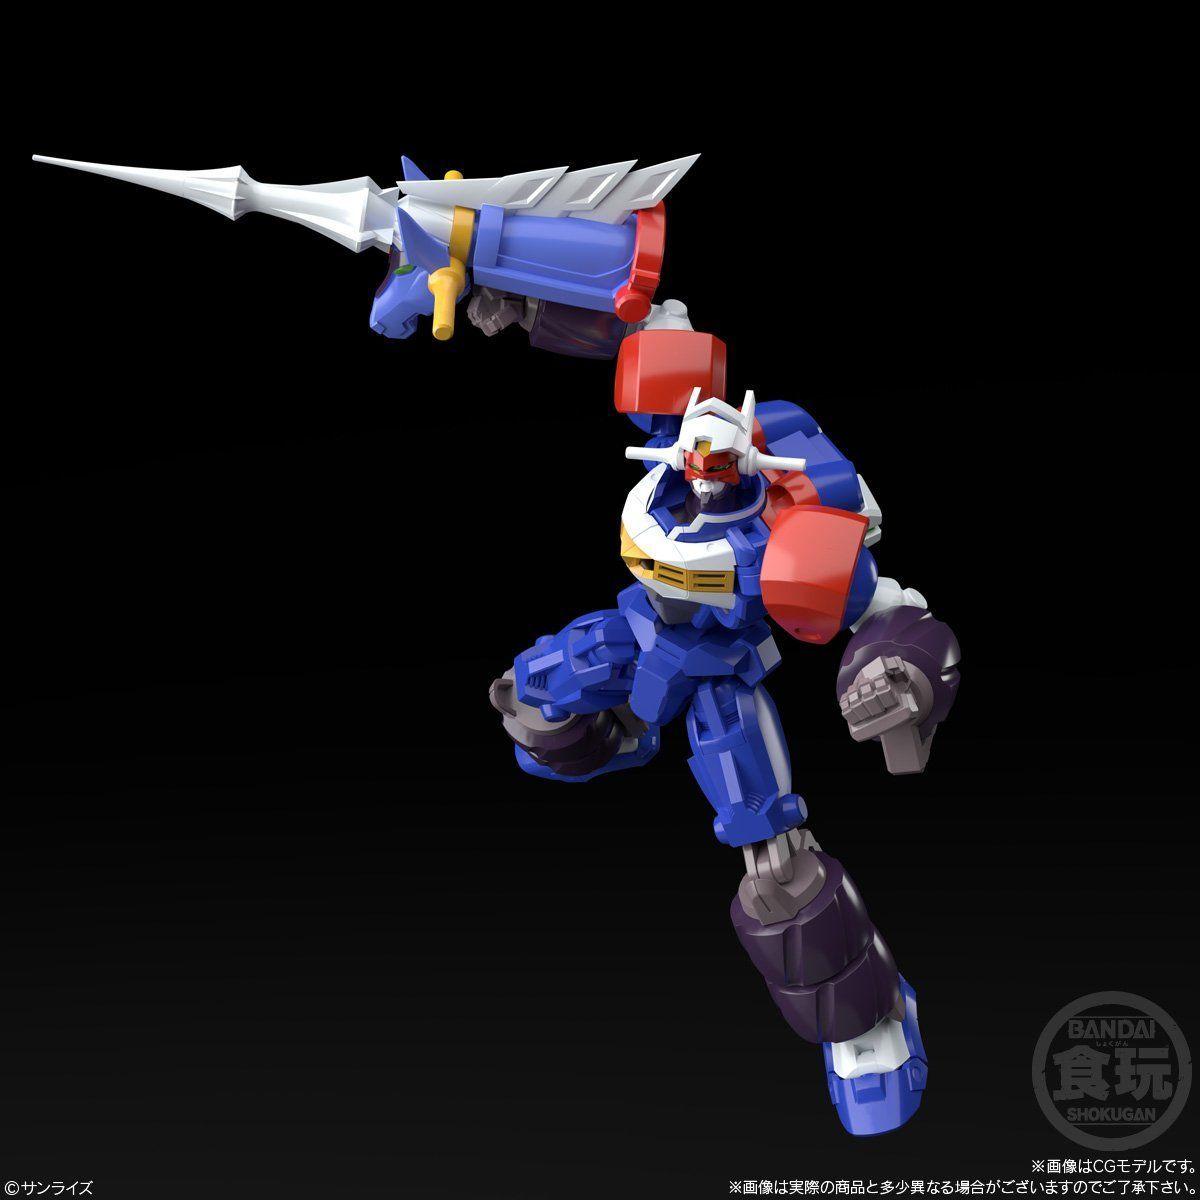 【食玩】スーパーミニプラ『電童&データウェポンセット』GEAR戦士電童 プラモデル-009